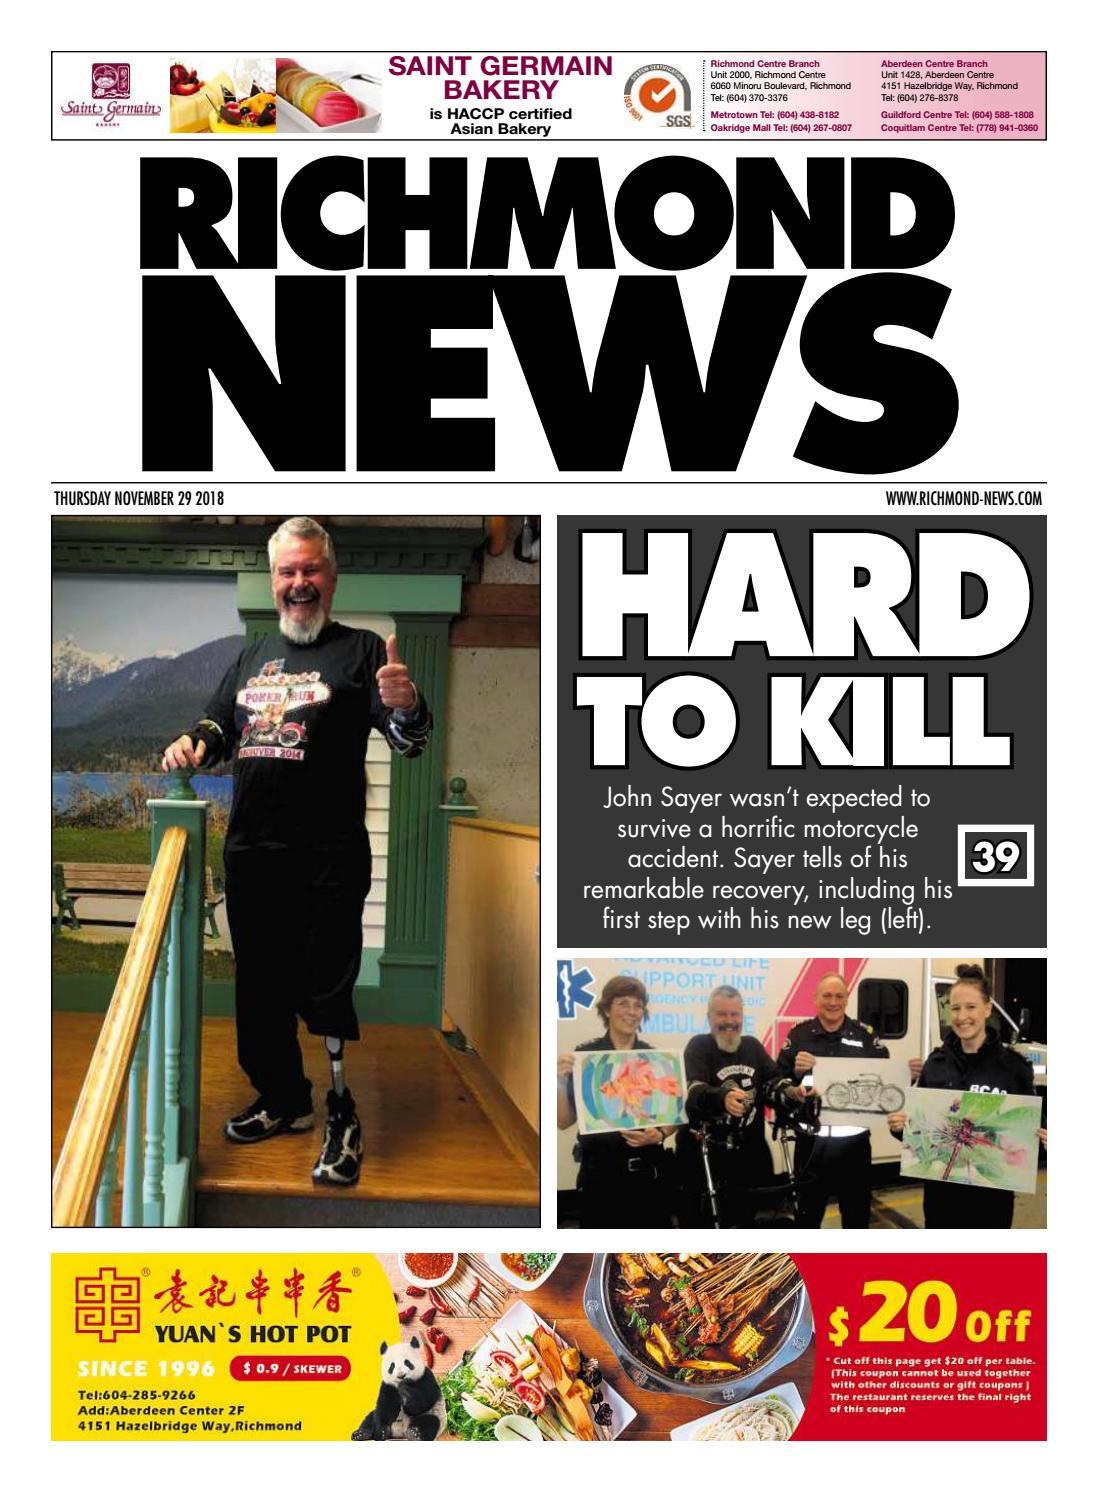 15a1023dcf63 Richmond News November 29 2018 by Richmond News - issuu